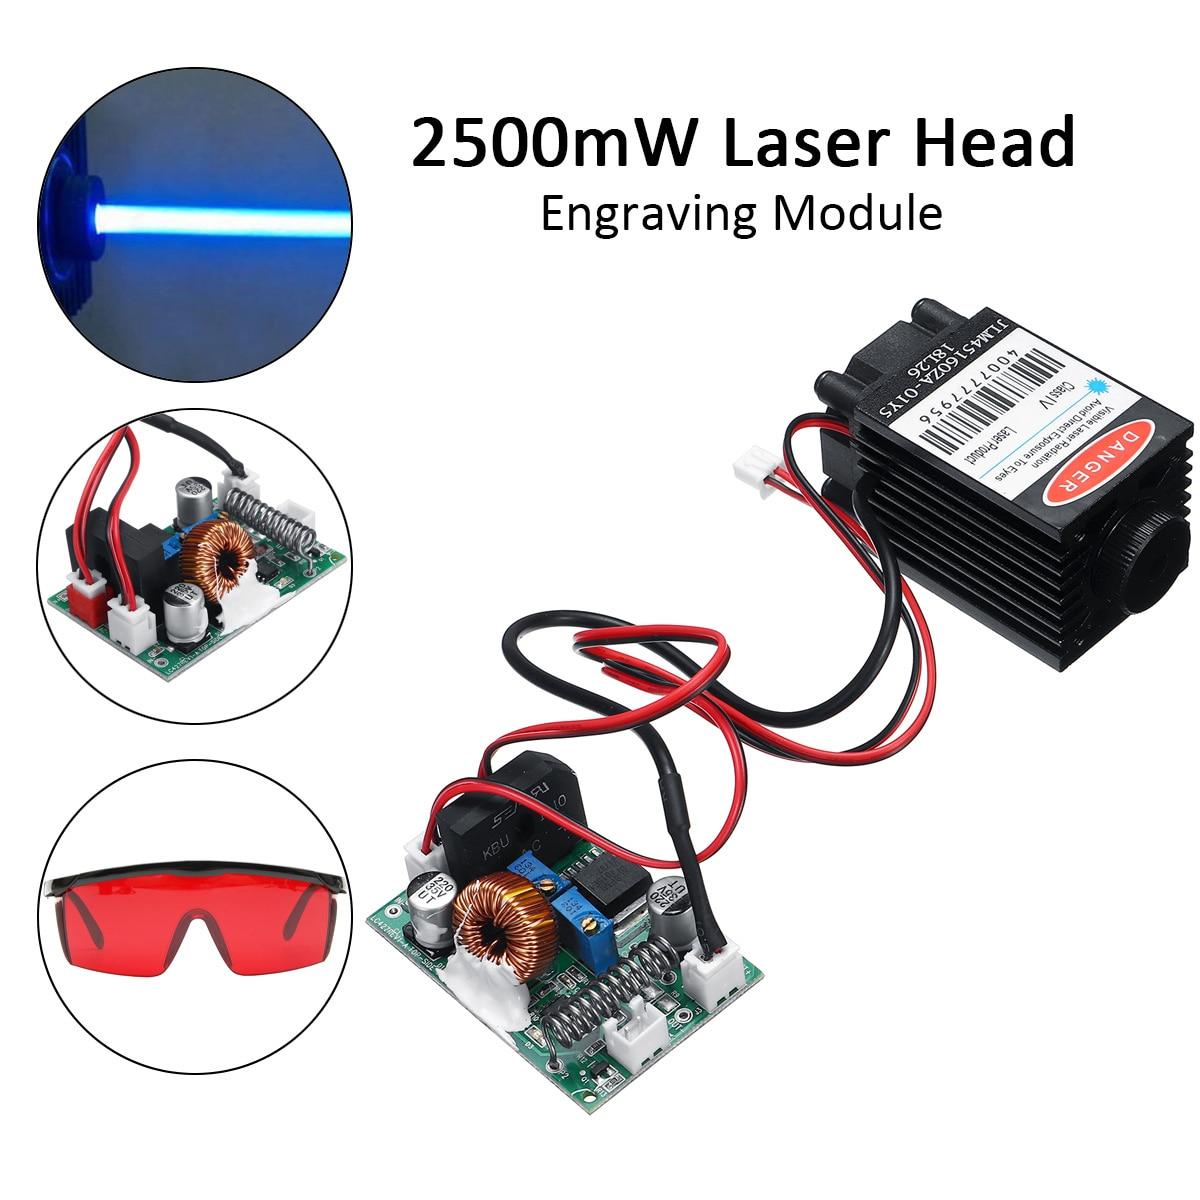 450nm 2500mW High Power Mit Schwerpunkt Blau Laser Modul TTL 12V DIY CNC Schneiden Laser Stecher Zubehör 2,5 W + brille-in Holzfräsemaschinen aus Werkzeug bei AliExpress - 11.11_Doppel-11Tag der Singles 1